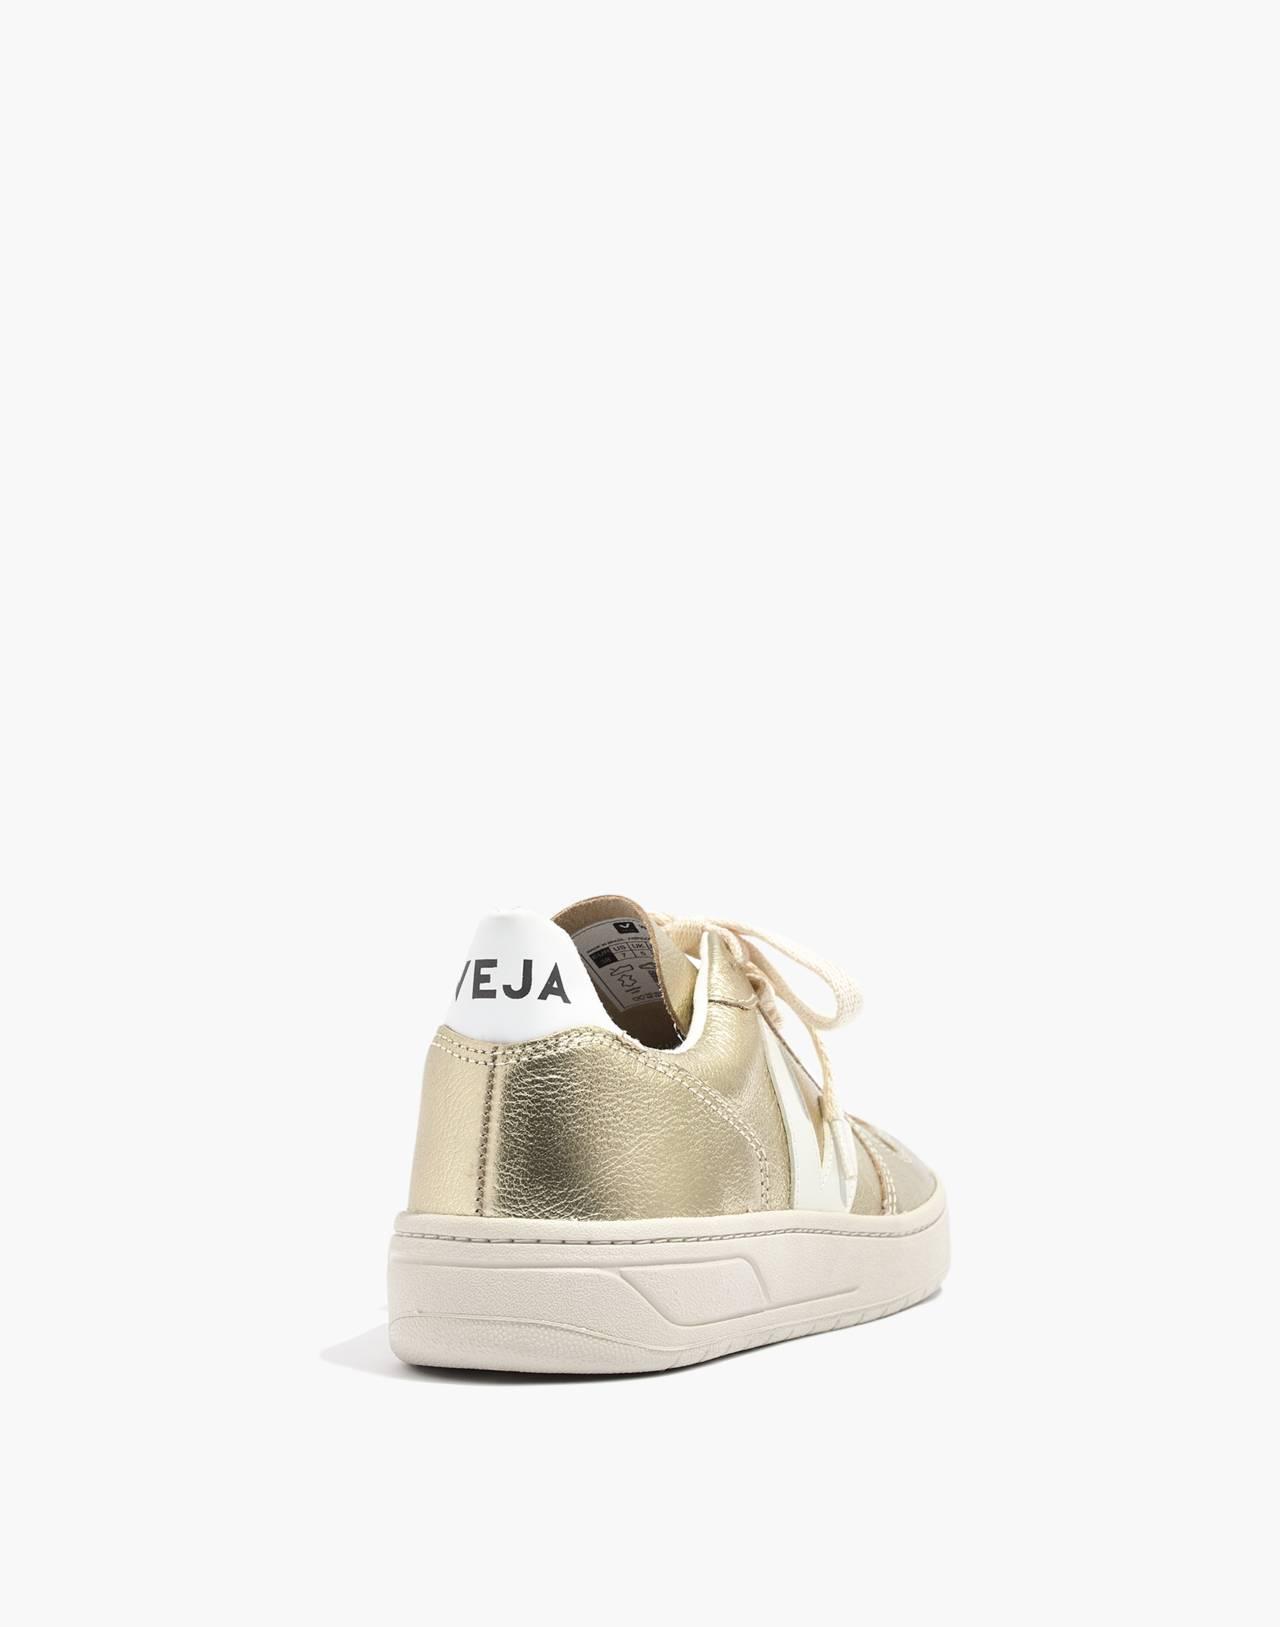 Veja™ V-10 Sneakers in Colorblock in gold image 4